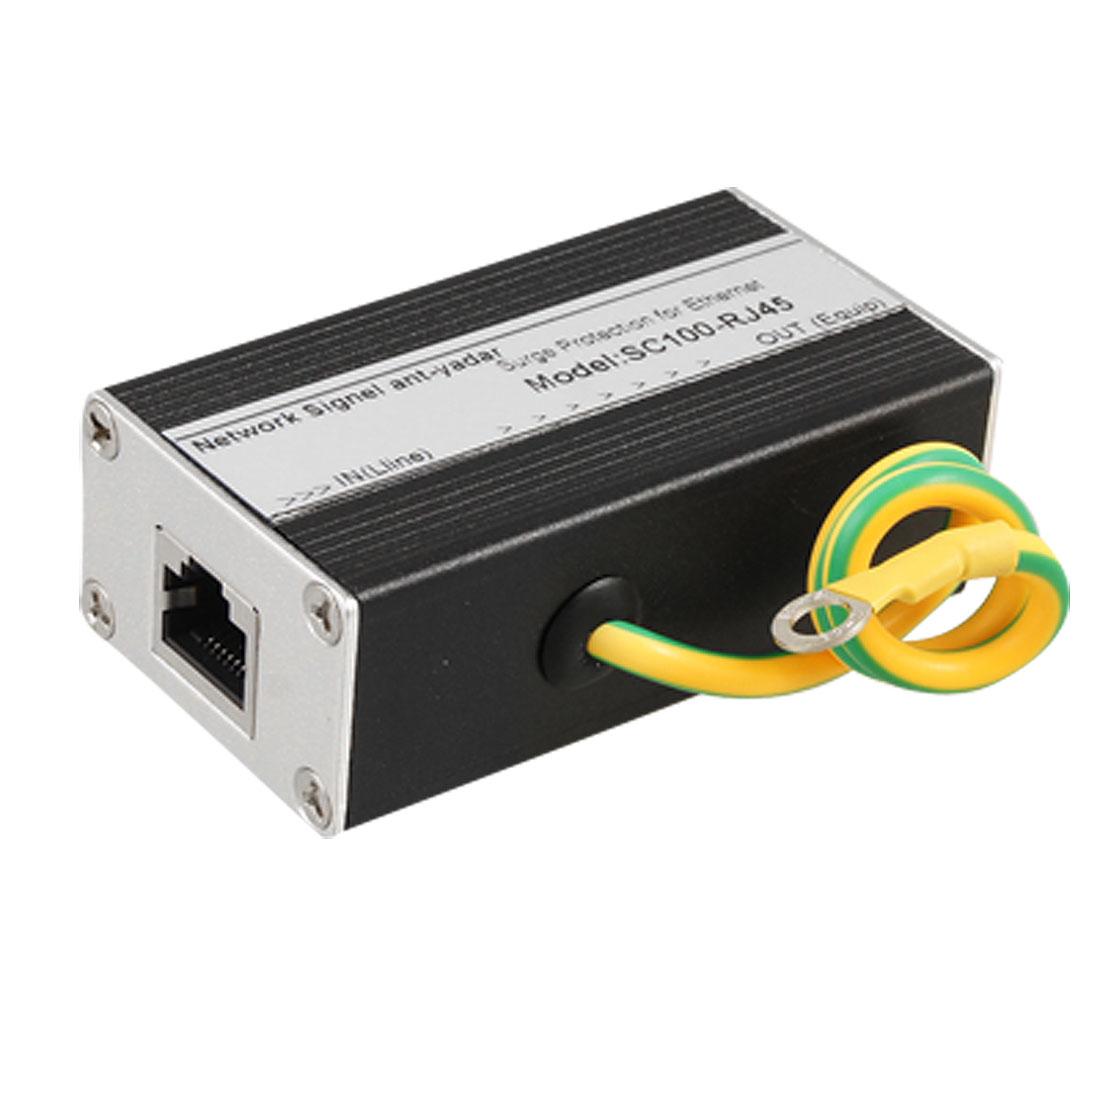 RJ45 Ethernet Network Thunder Surge Protector Ligthning Arrester 155Mbps